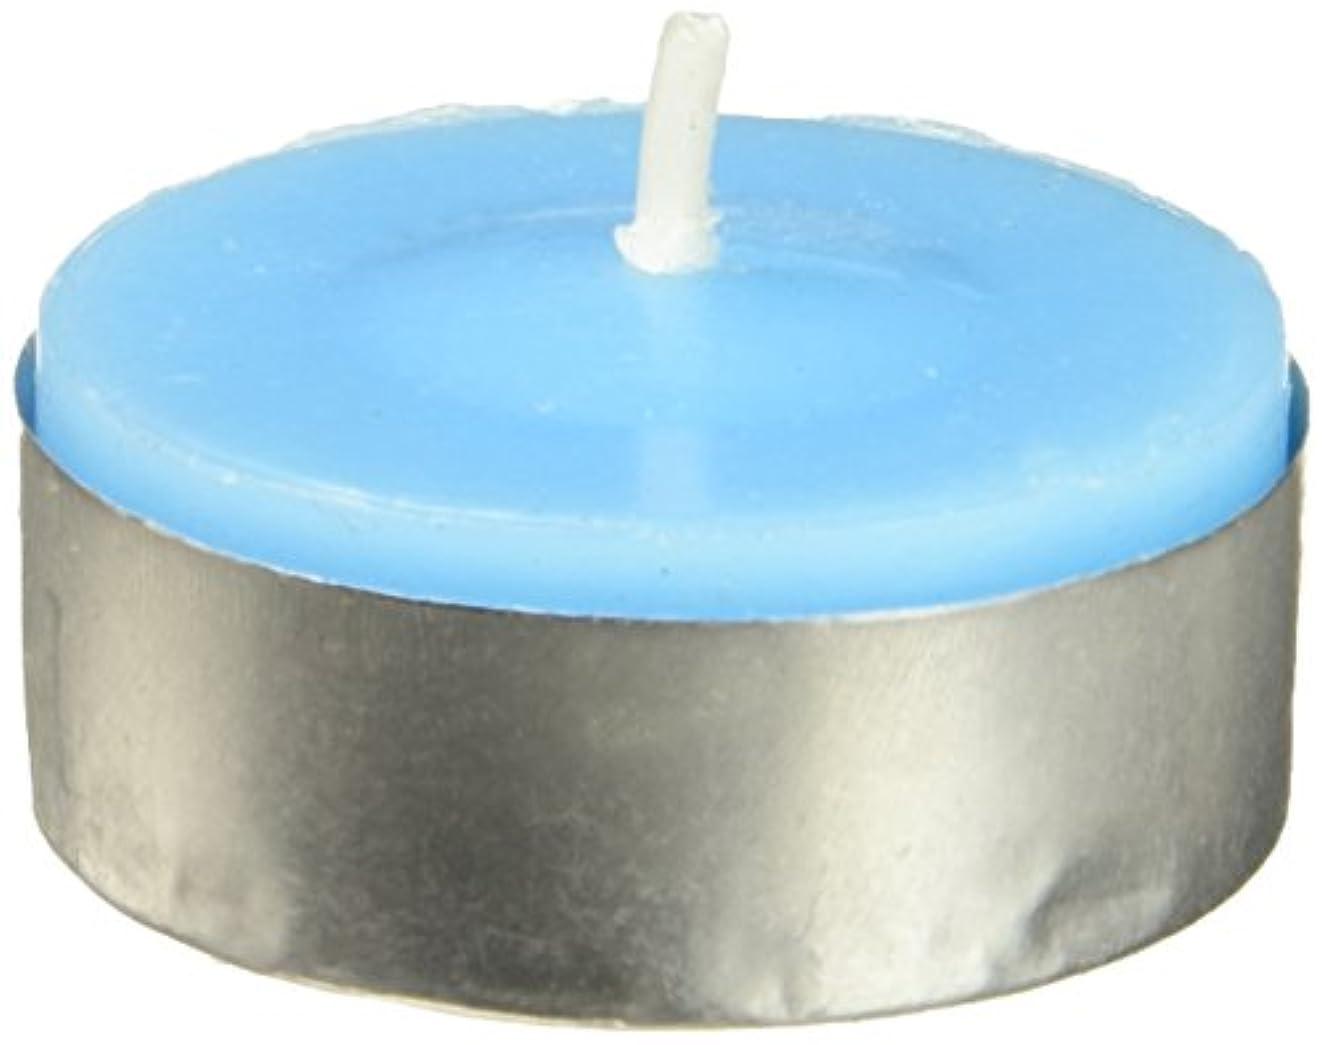 ステージ受ける塊Zest Candle CTC-003 Turquoise Citronella Tealight Candles -100pcs-Box